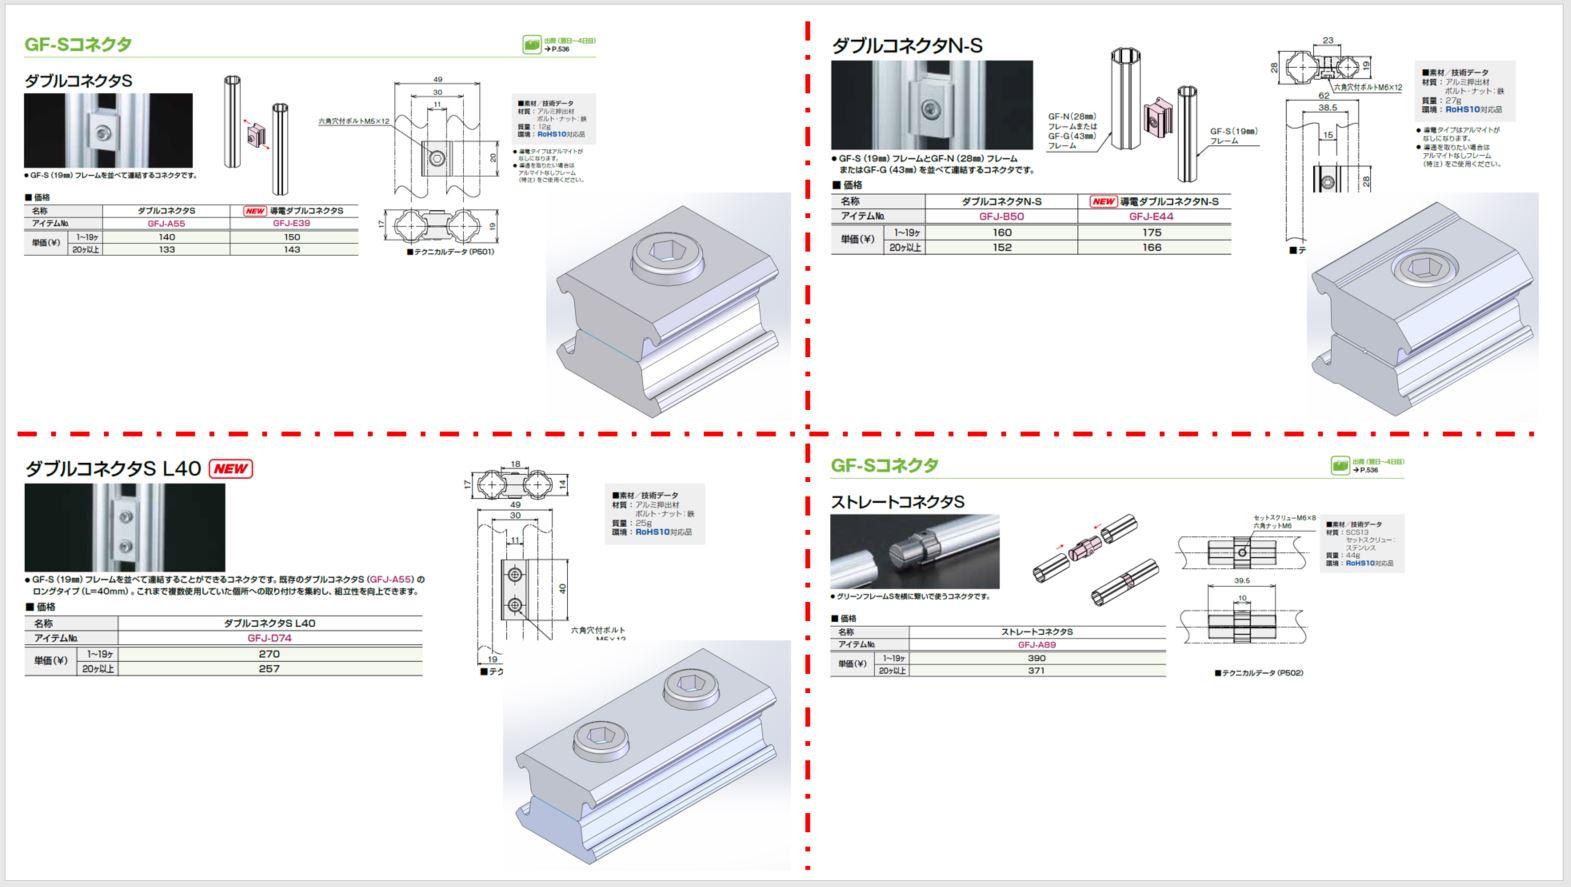 GF-S 19mm シリーズ 部品一覧9